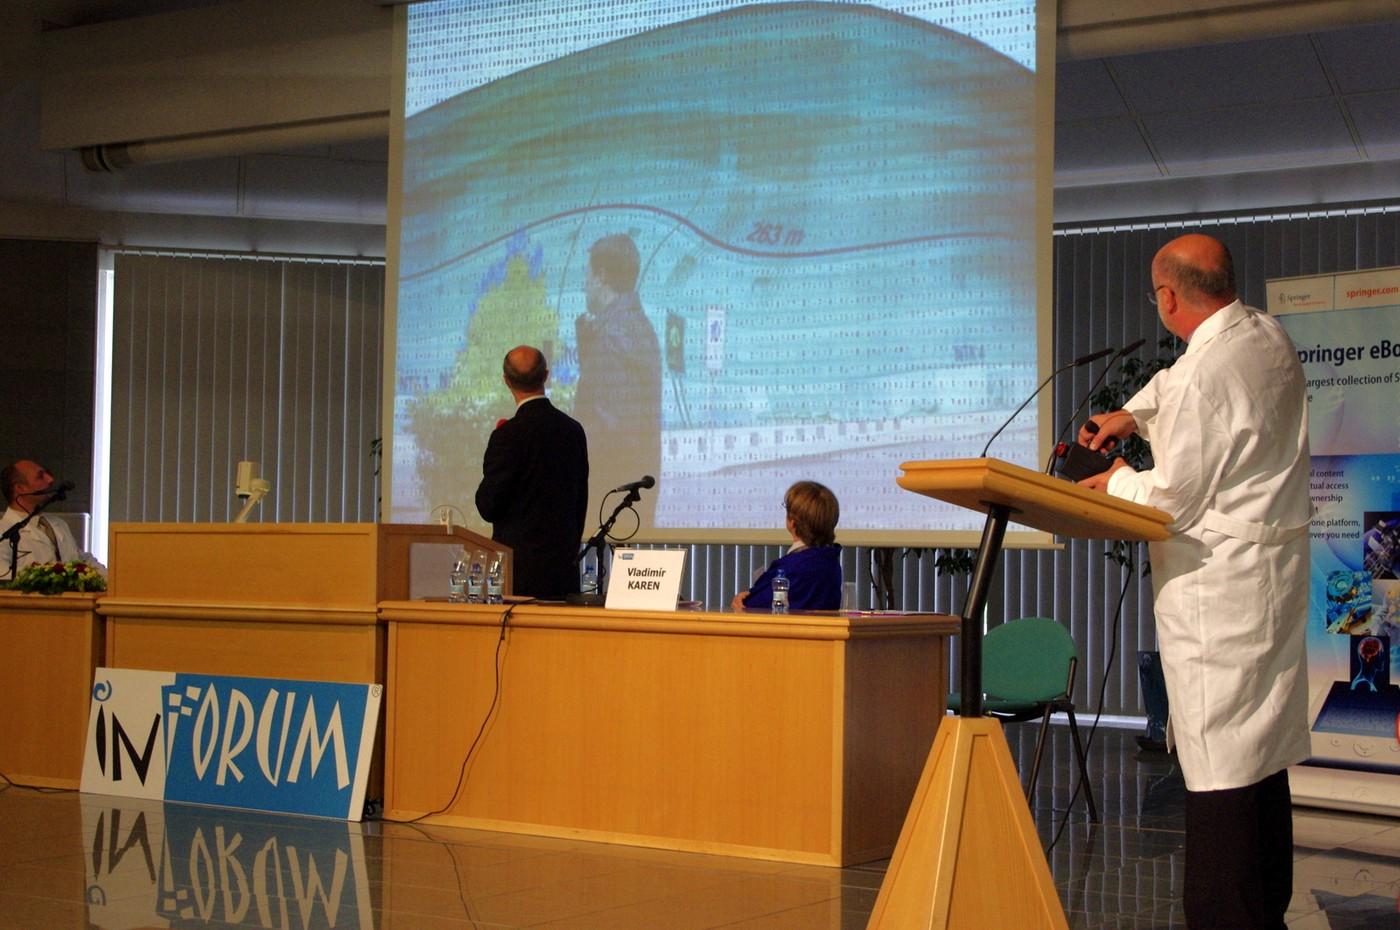 Televizní přenos zachycuje zmizení Národní technické knihovny